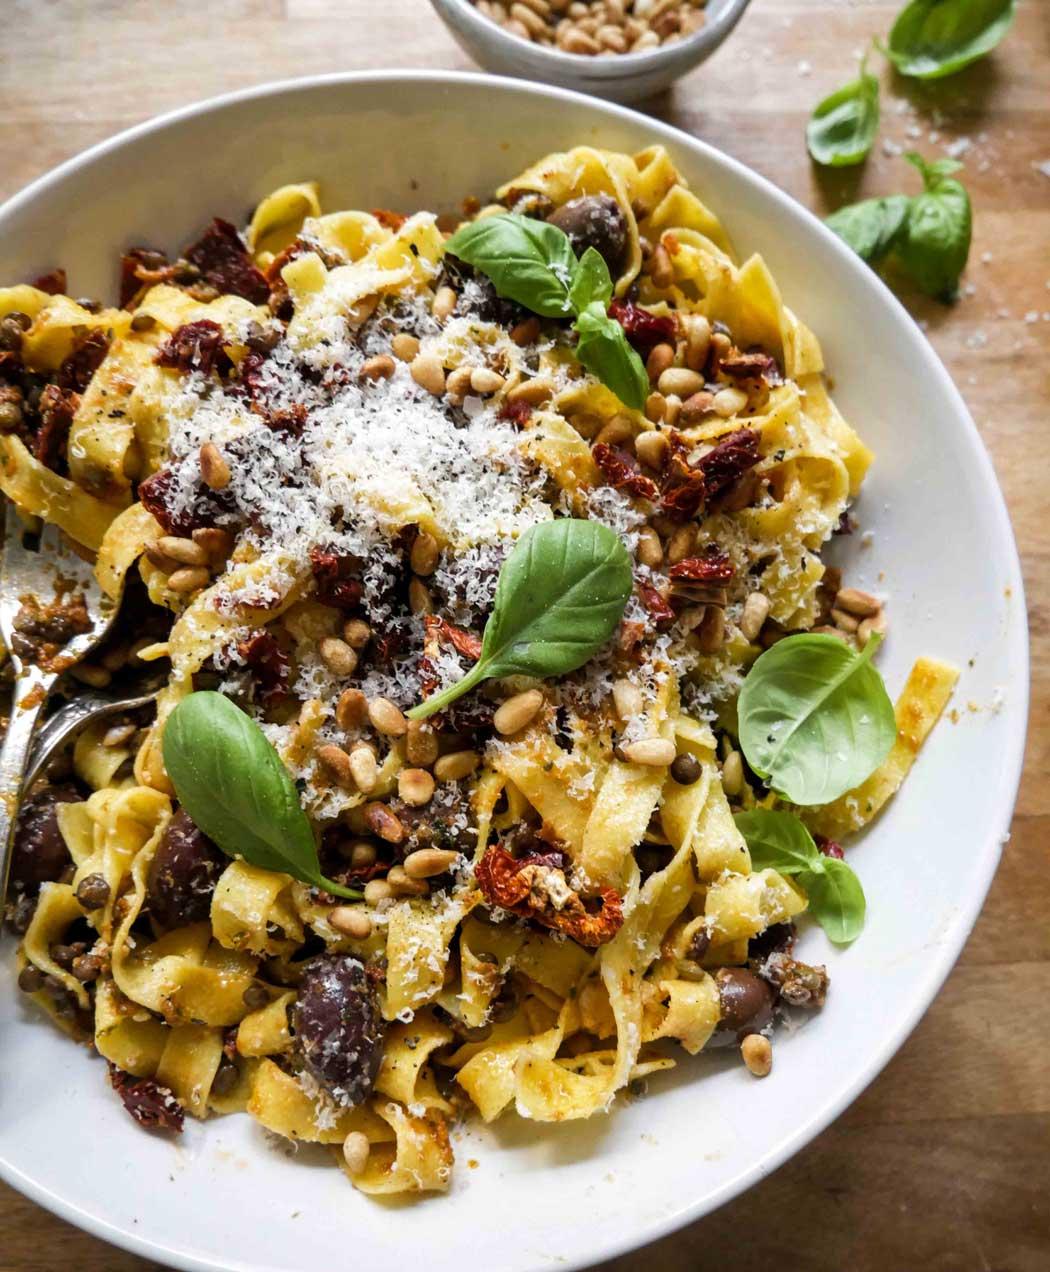 nem pastaopskrift med soltørrede tomater og linse fyld